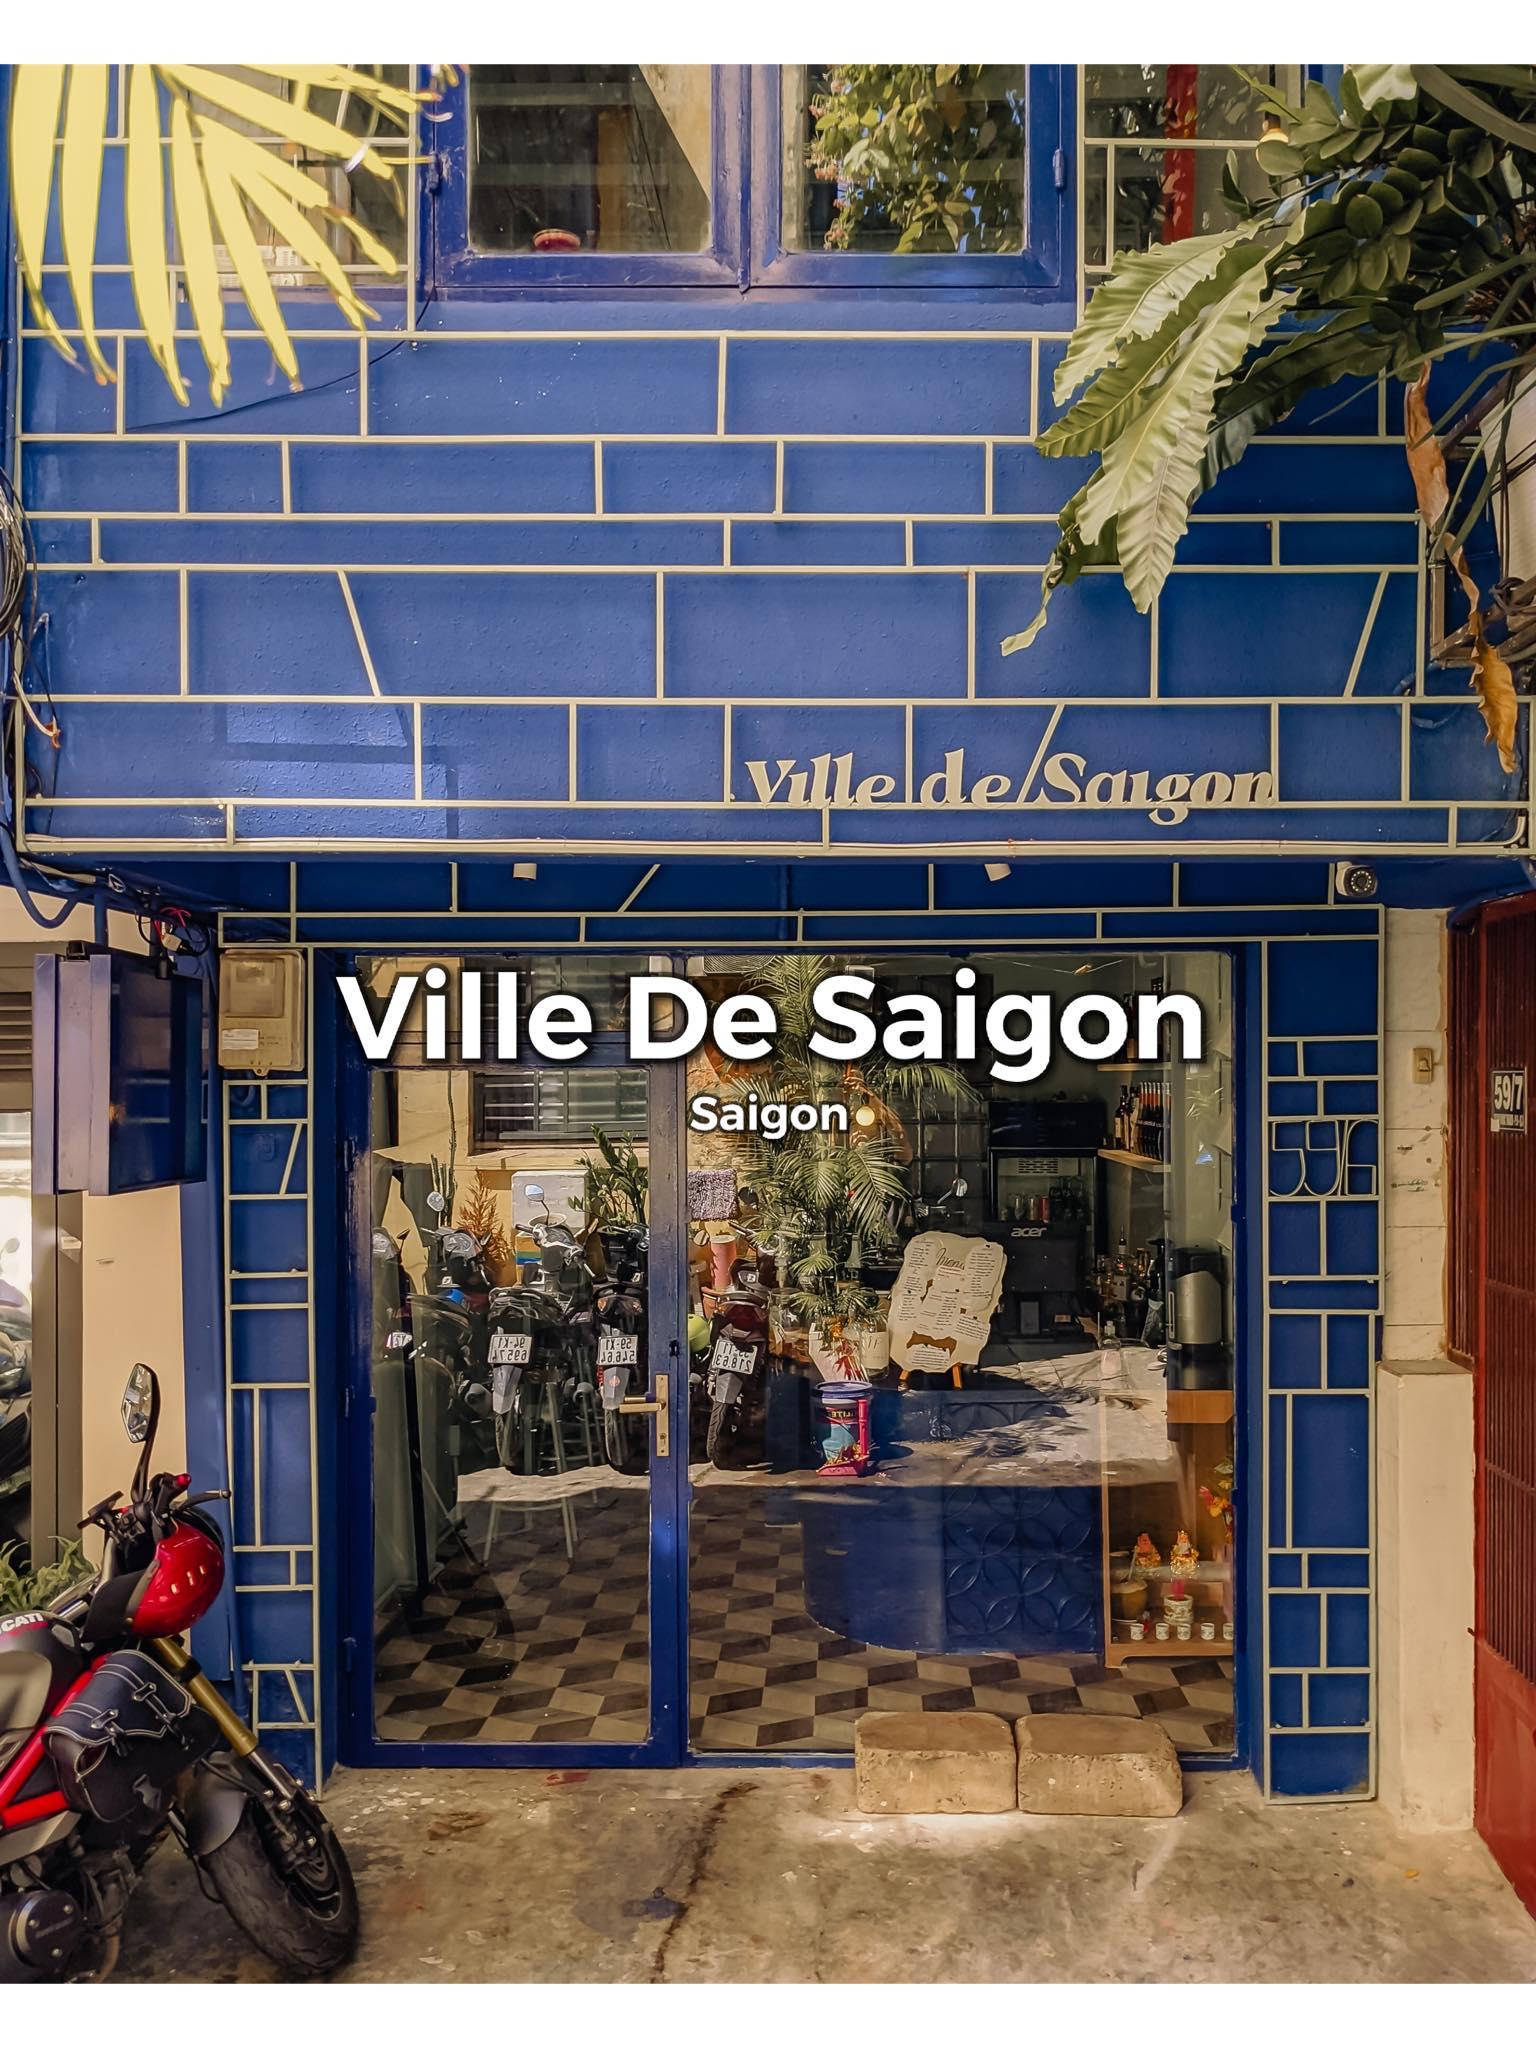 Ville De Saigon Cafe - Quán cafe quận 3